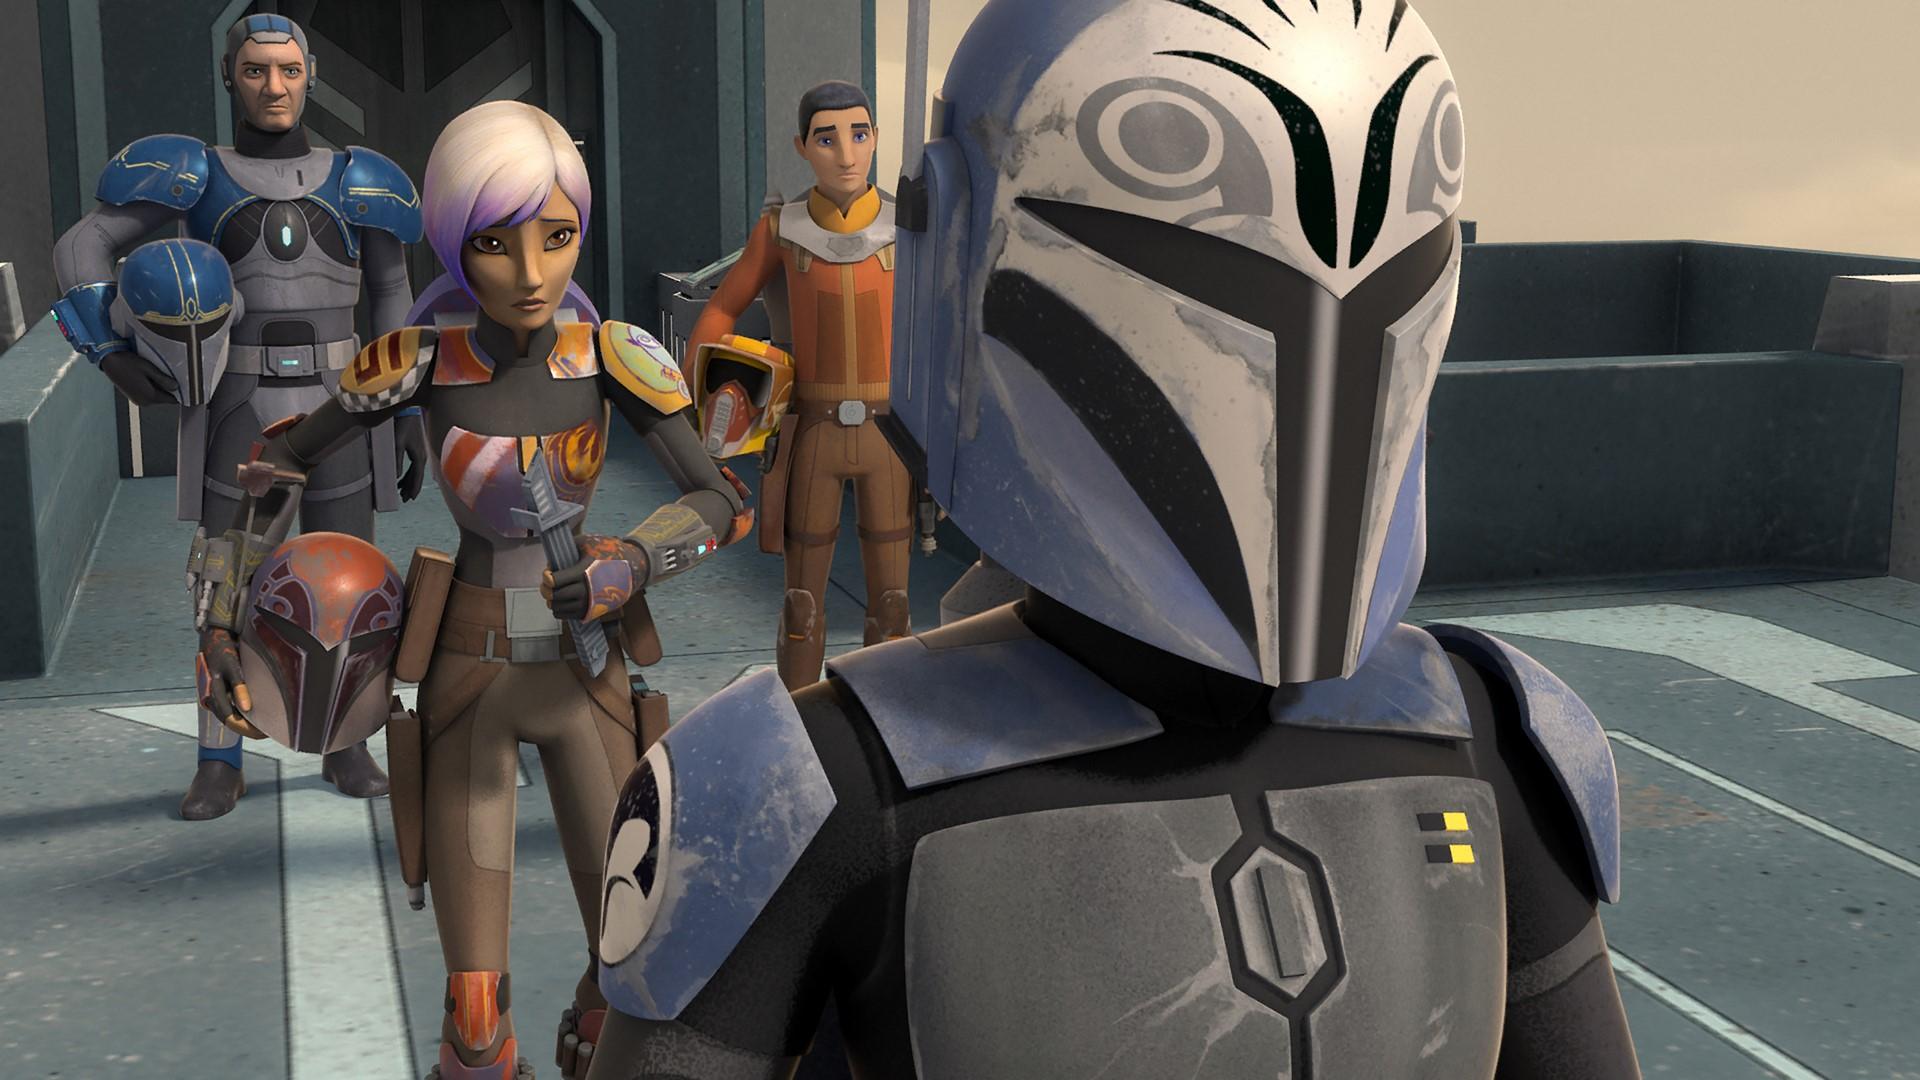 star wars rebels heroes of mandalore full episode